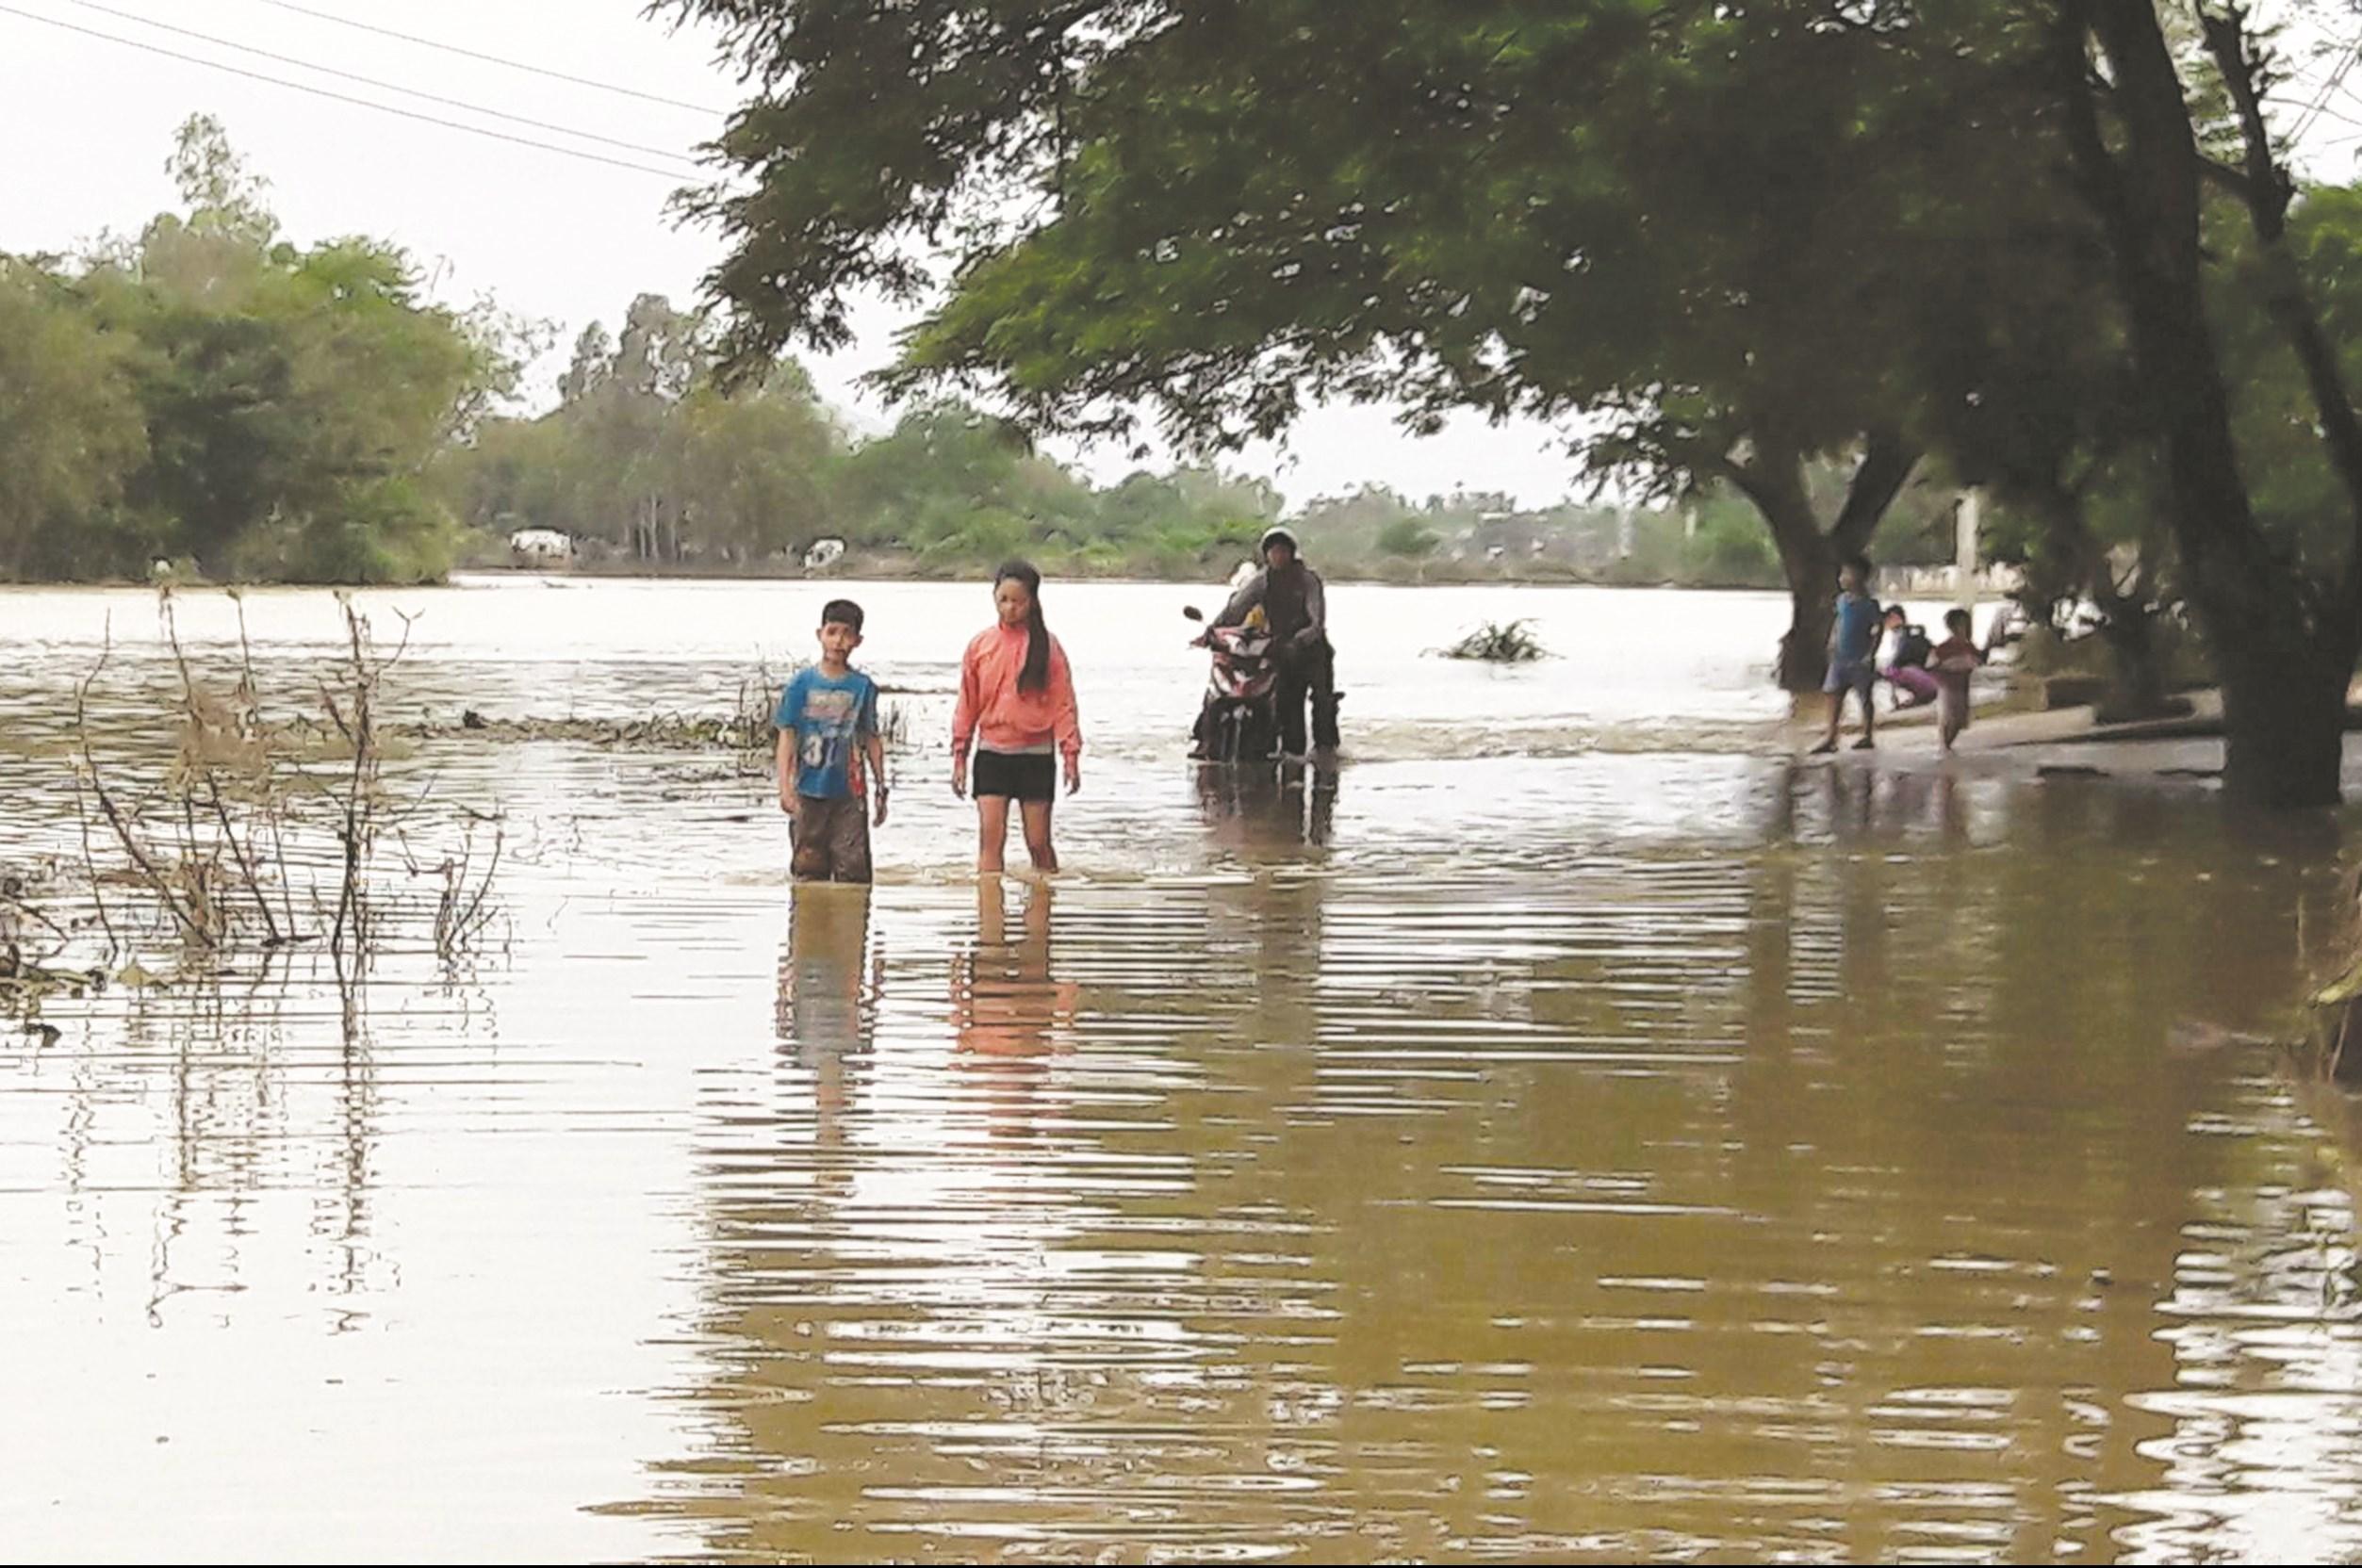 Sau mưa bão là môi trường thuận lợi để dịch bệnh bùng phát